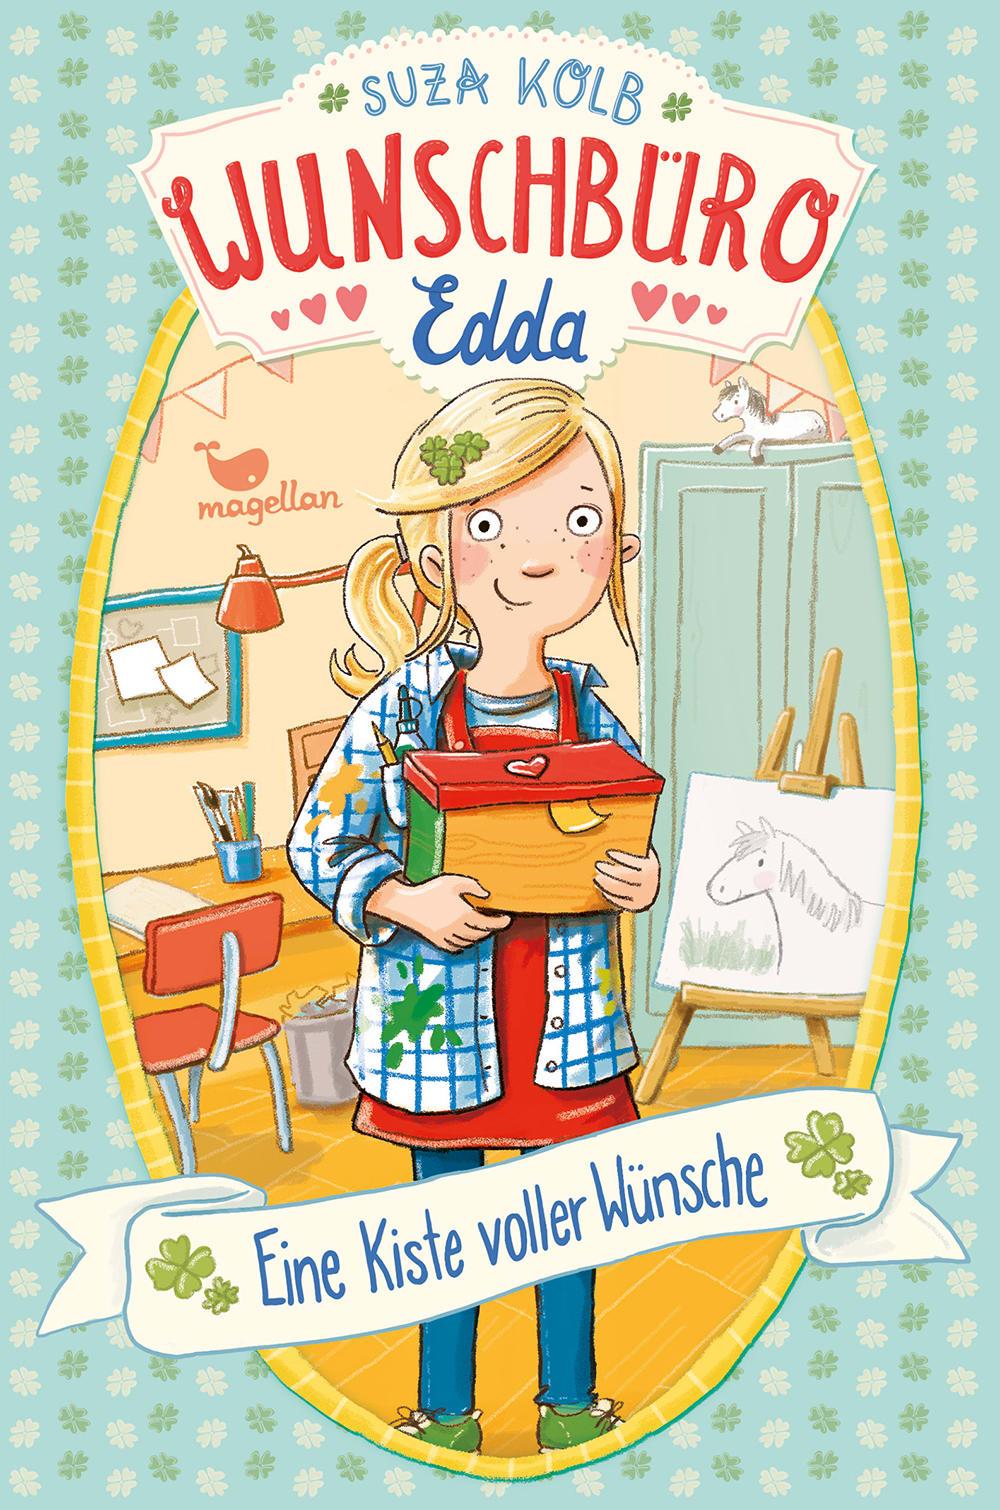 Wunschbüro Edda - Eine Kiste voller Wünsche